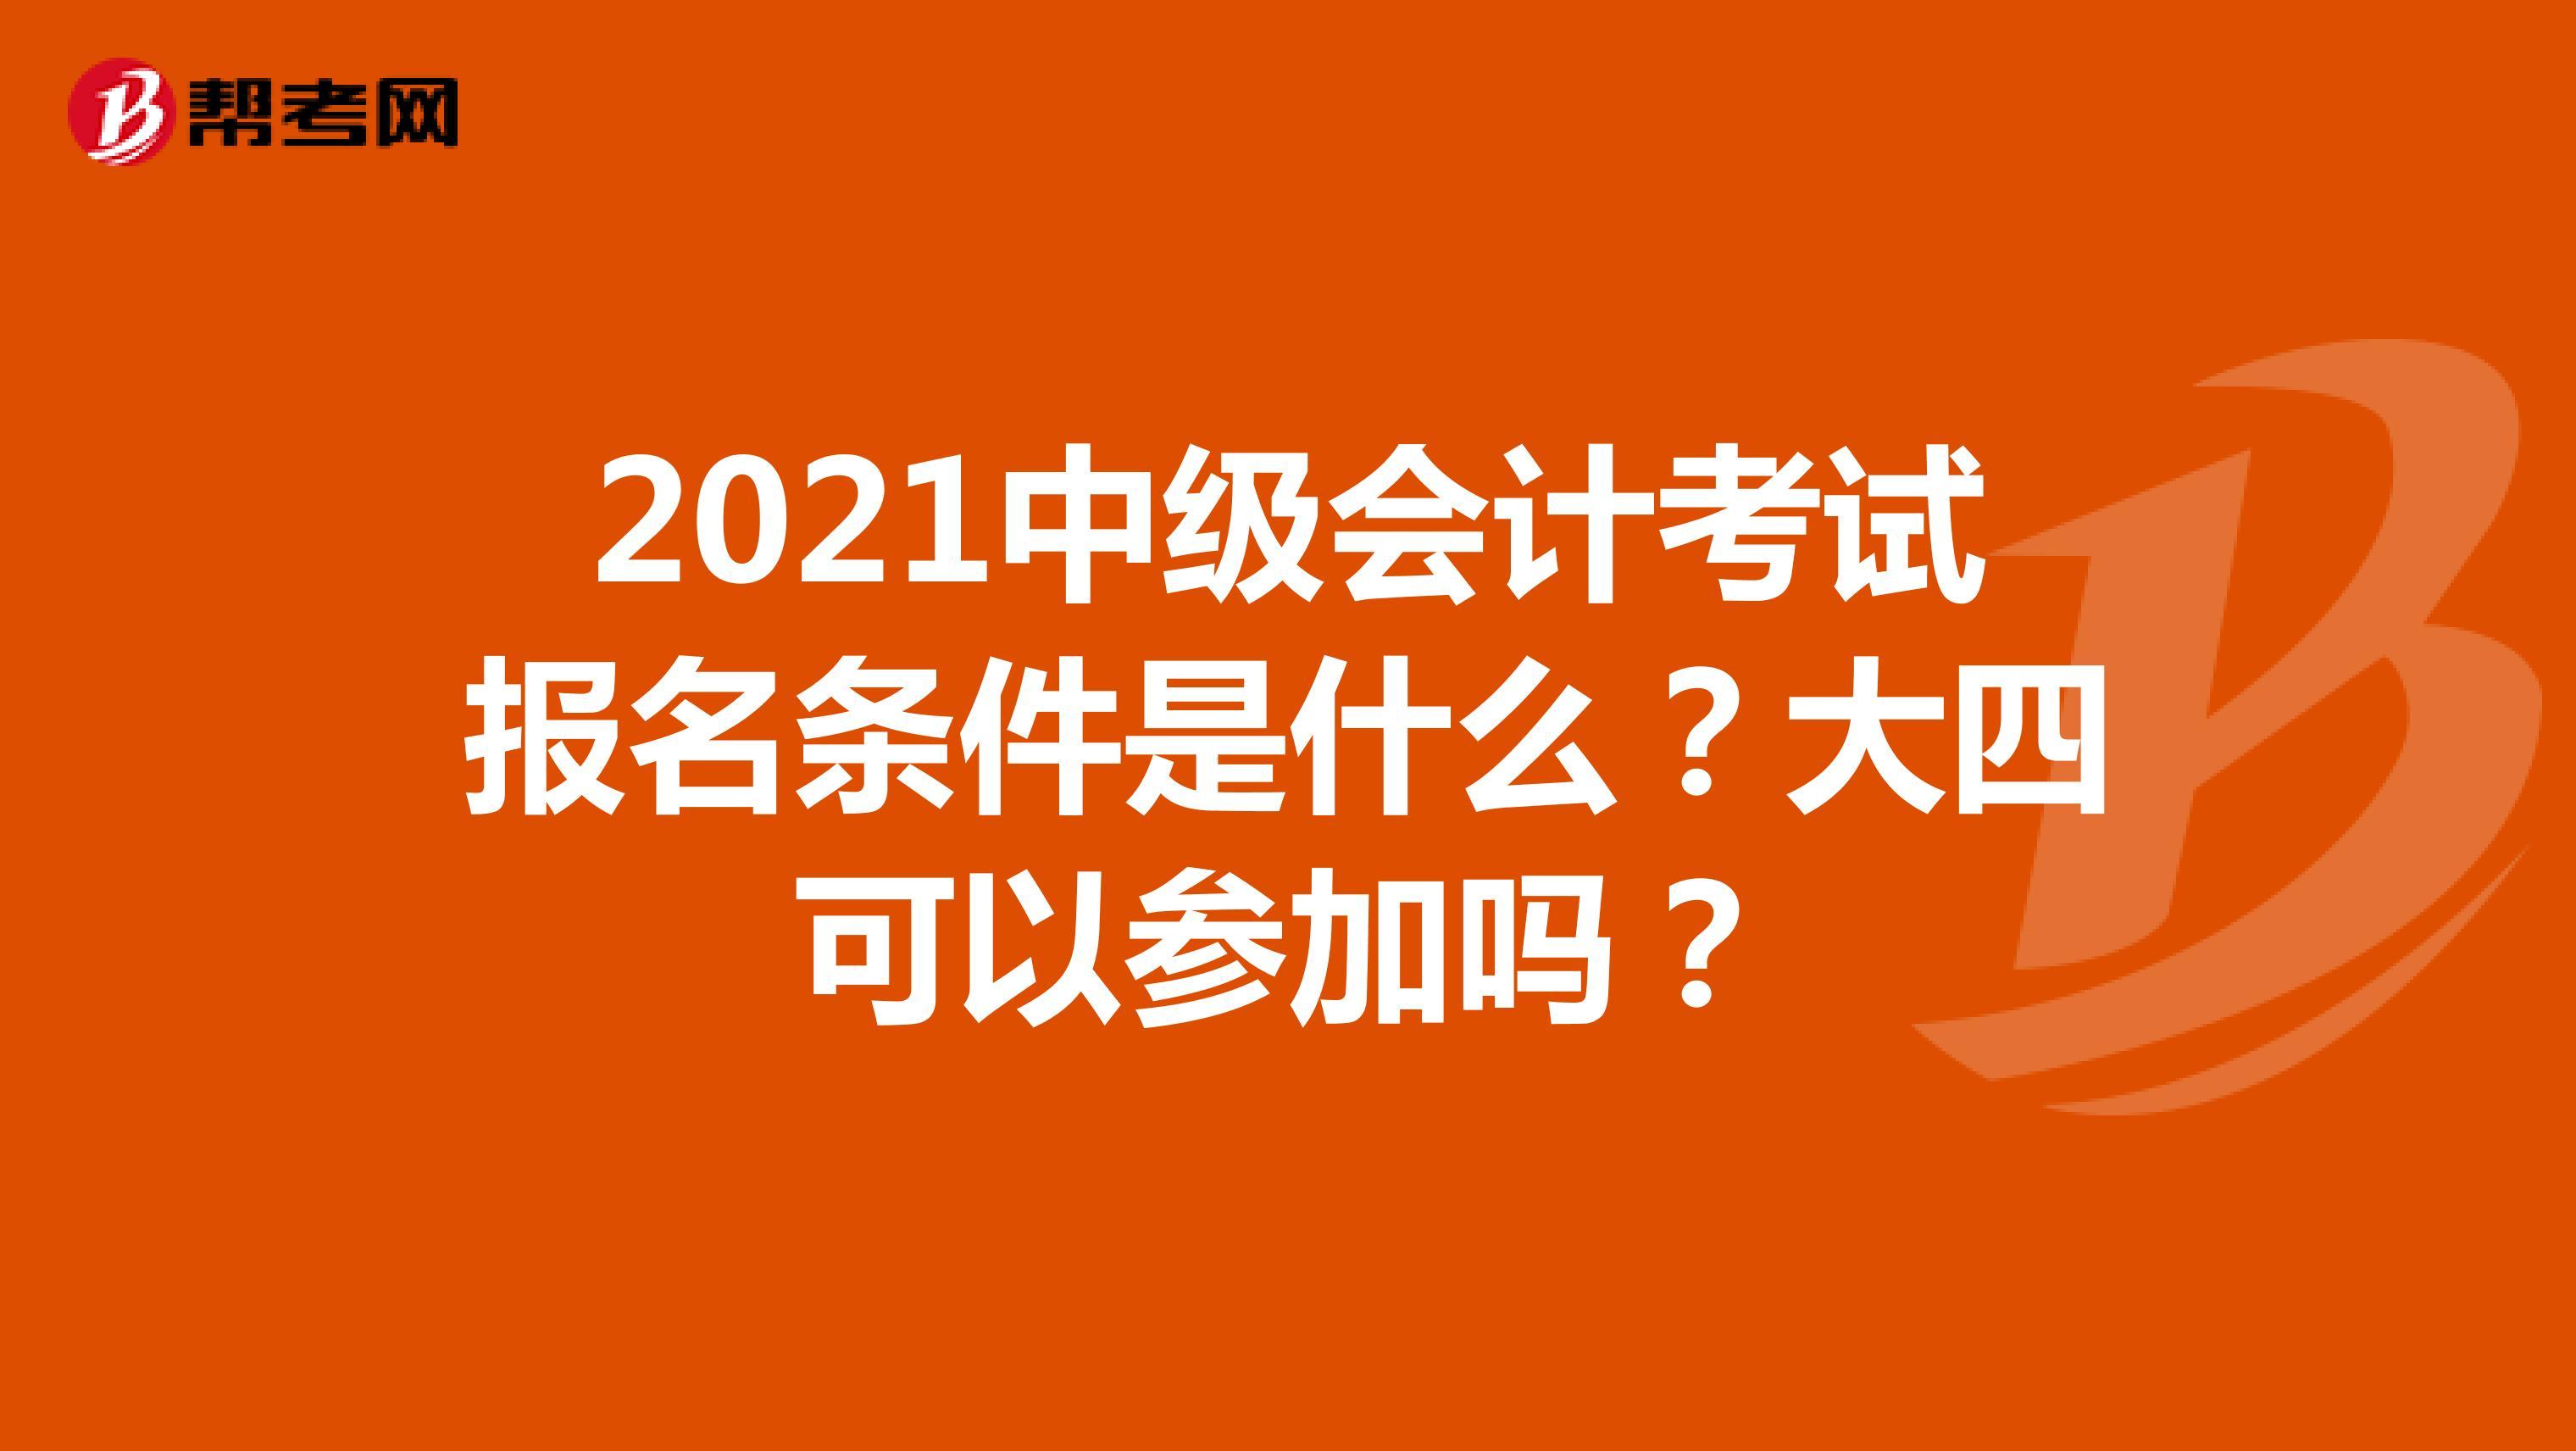 2021中級會計考試報名條件是什么?大四可以參加嗎?